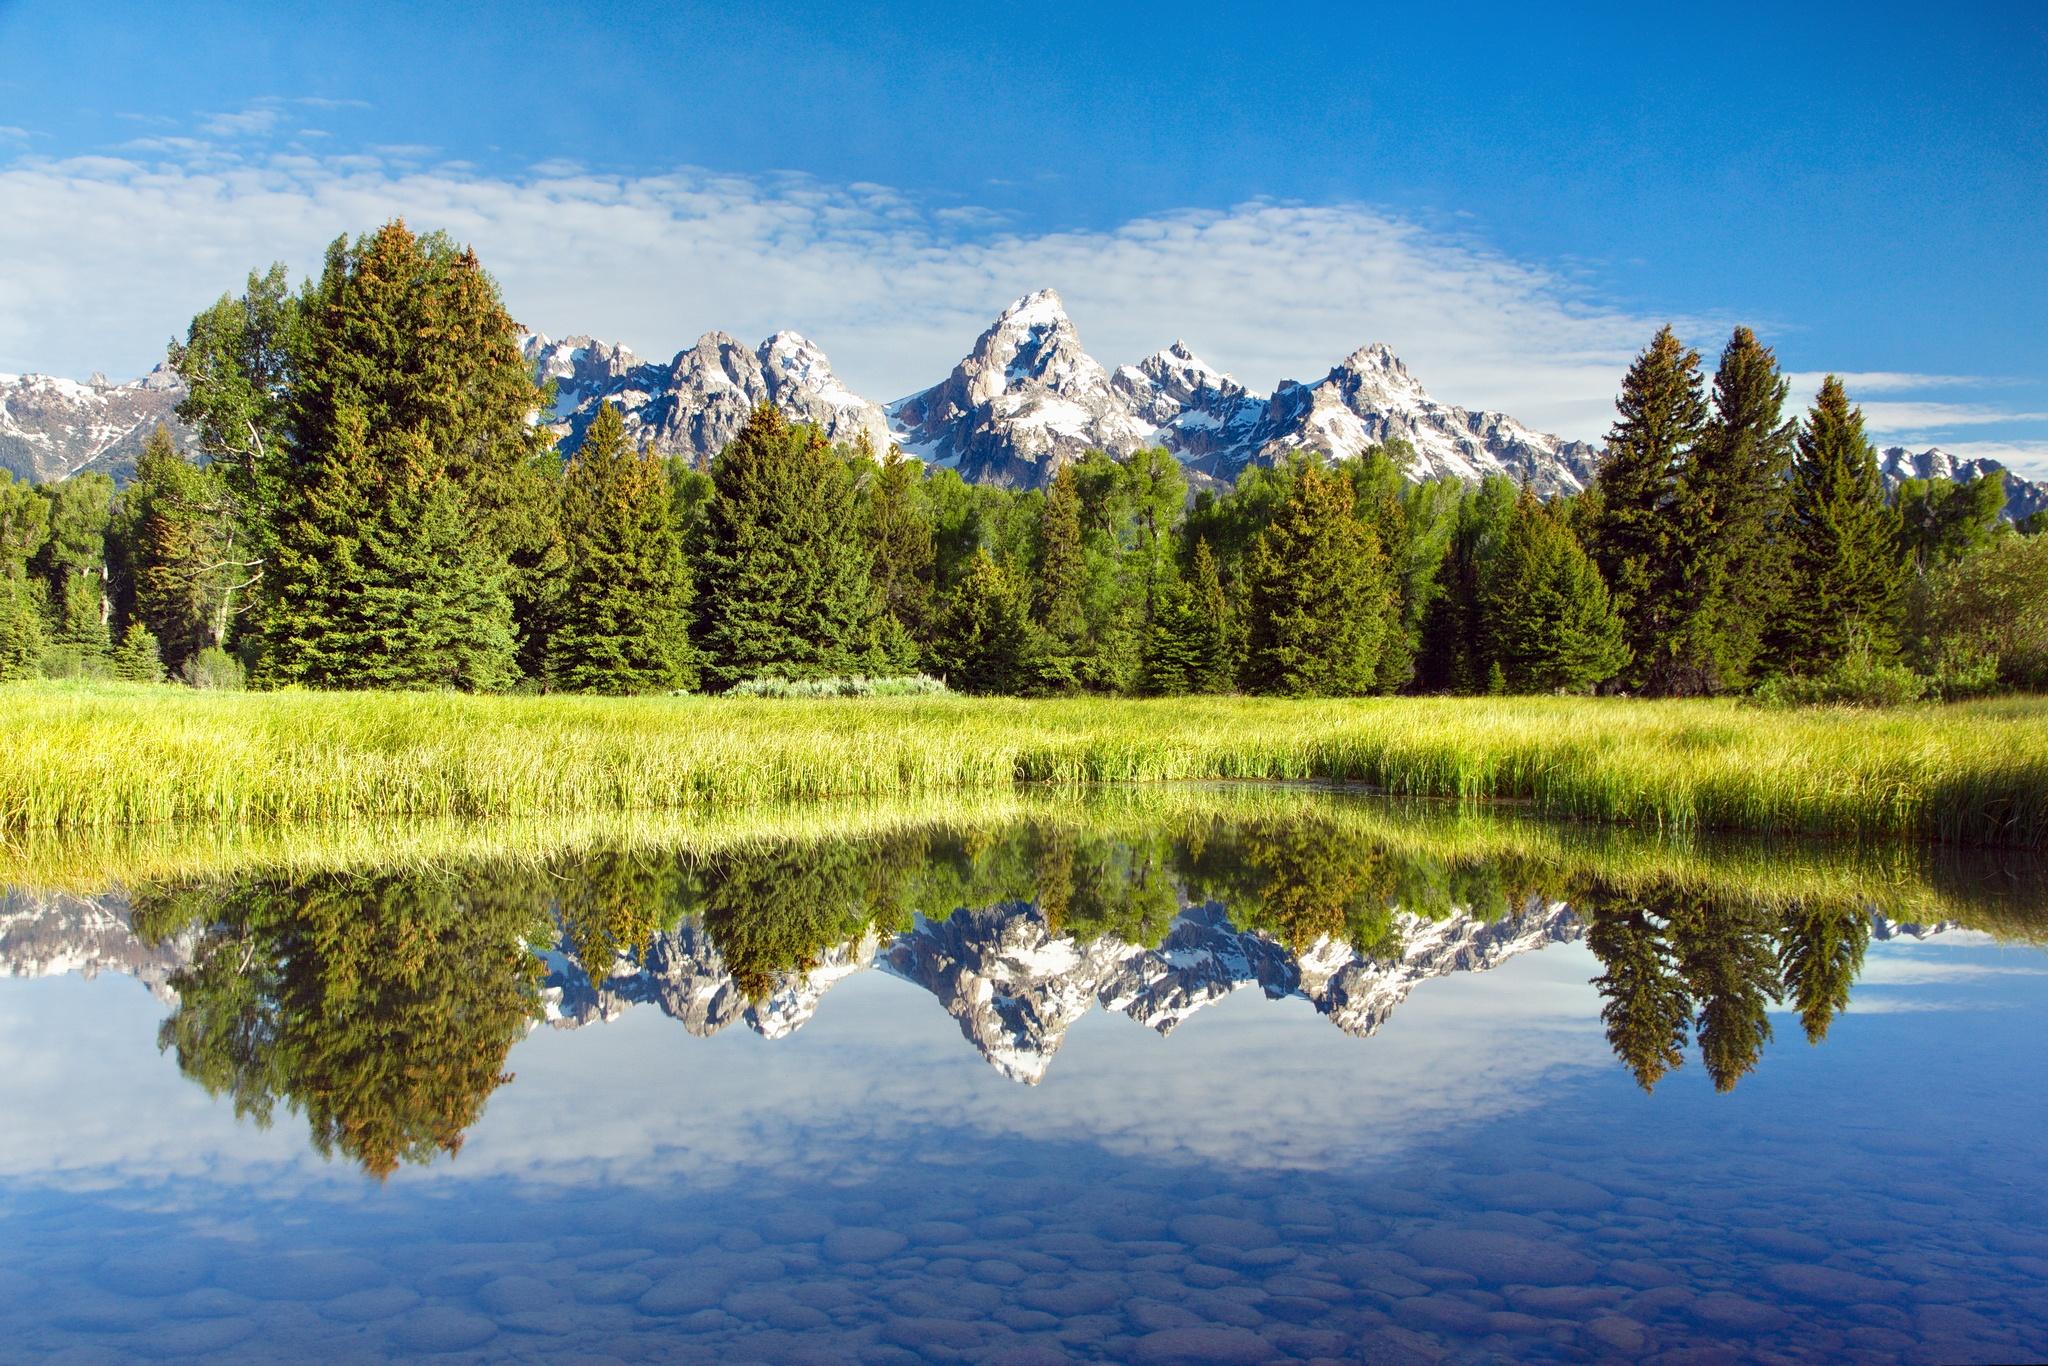 природа горы небо облака река деревья nature mountains the sky clouds river trees  № 1223830 бесплатно